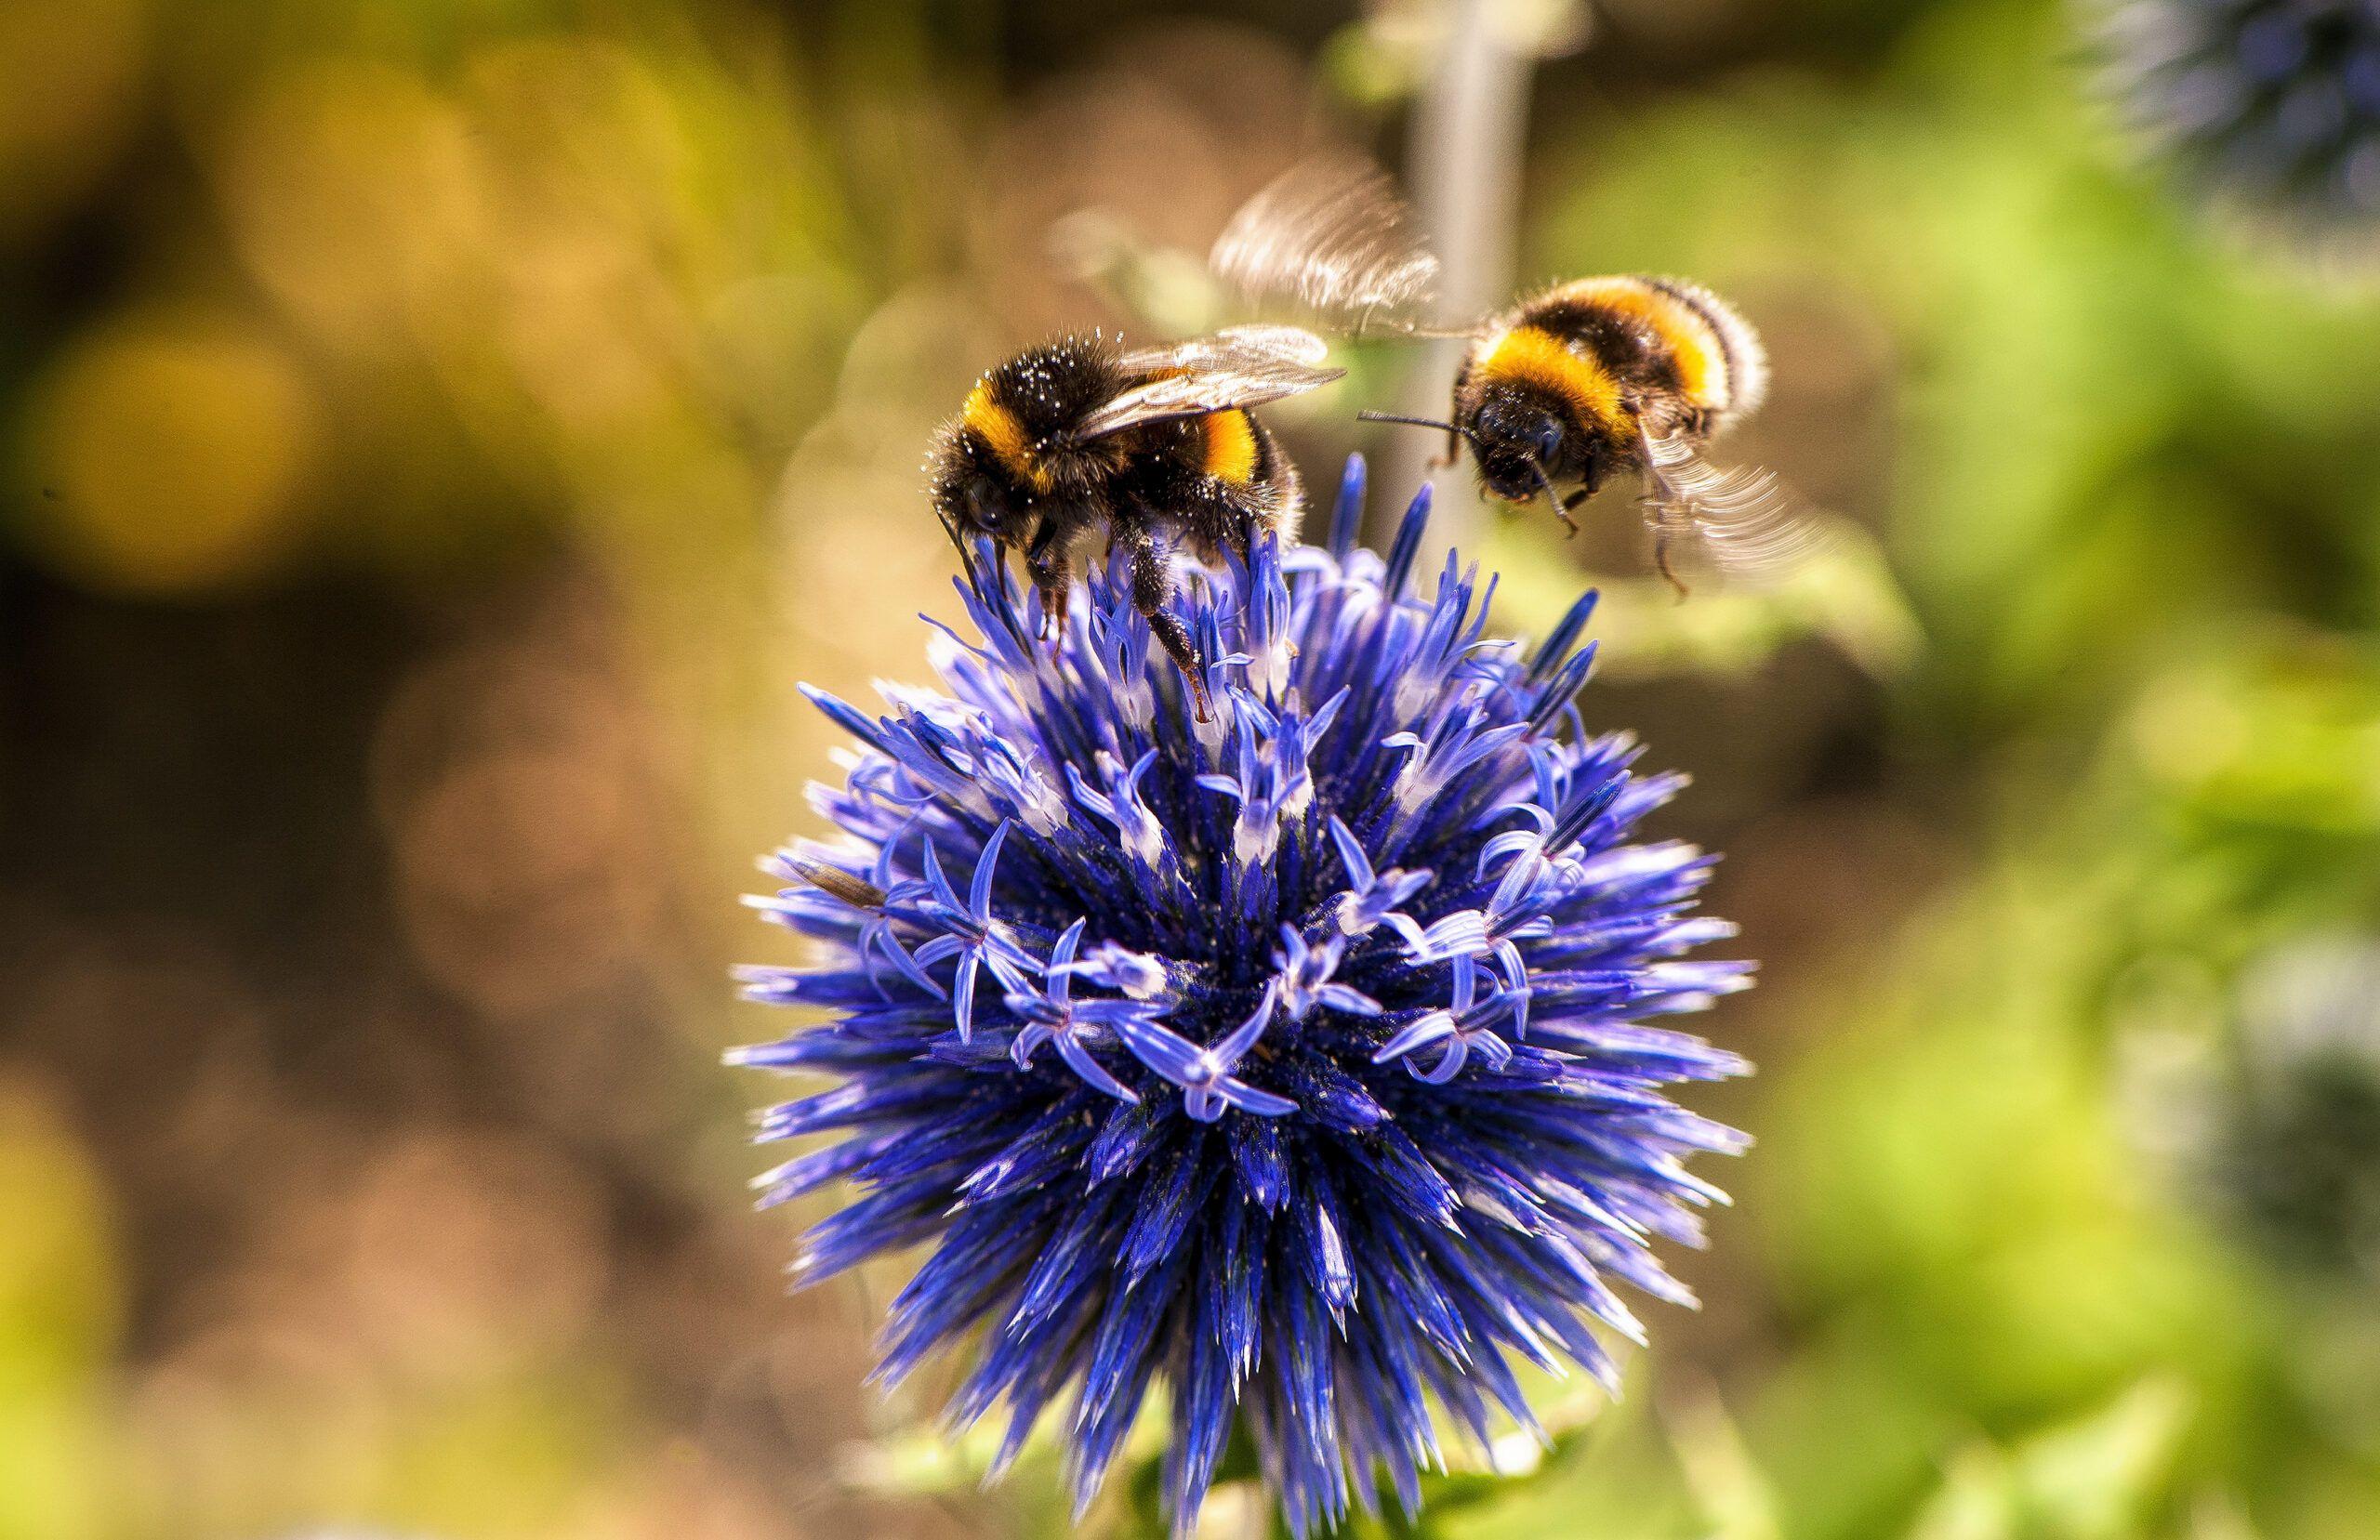 pszczoły na fioletowym kulistym kwiatku